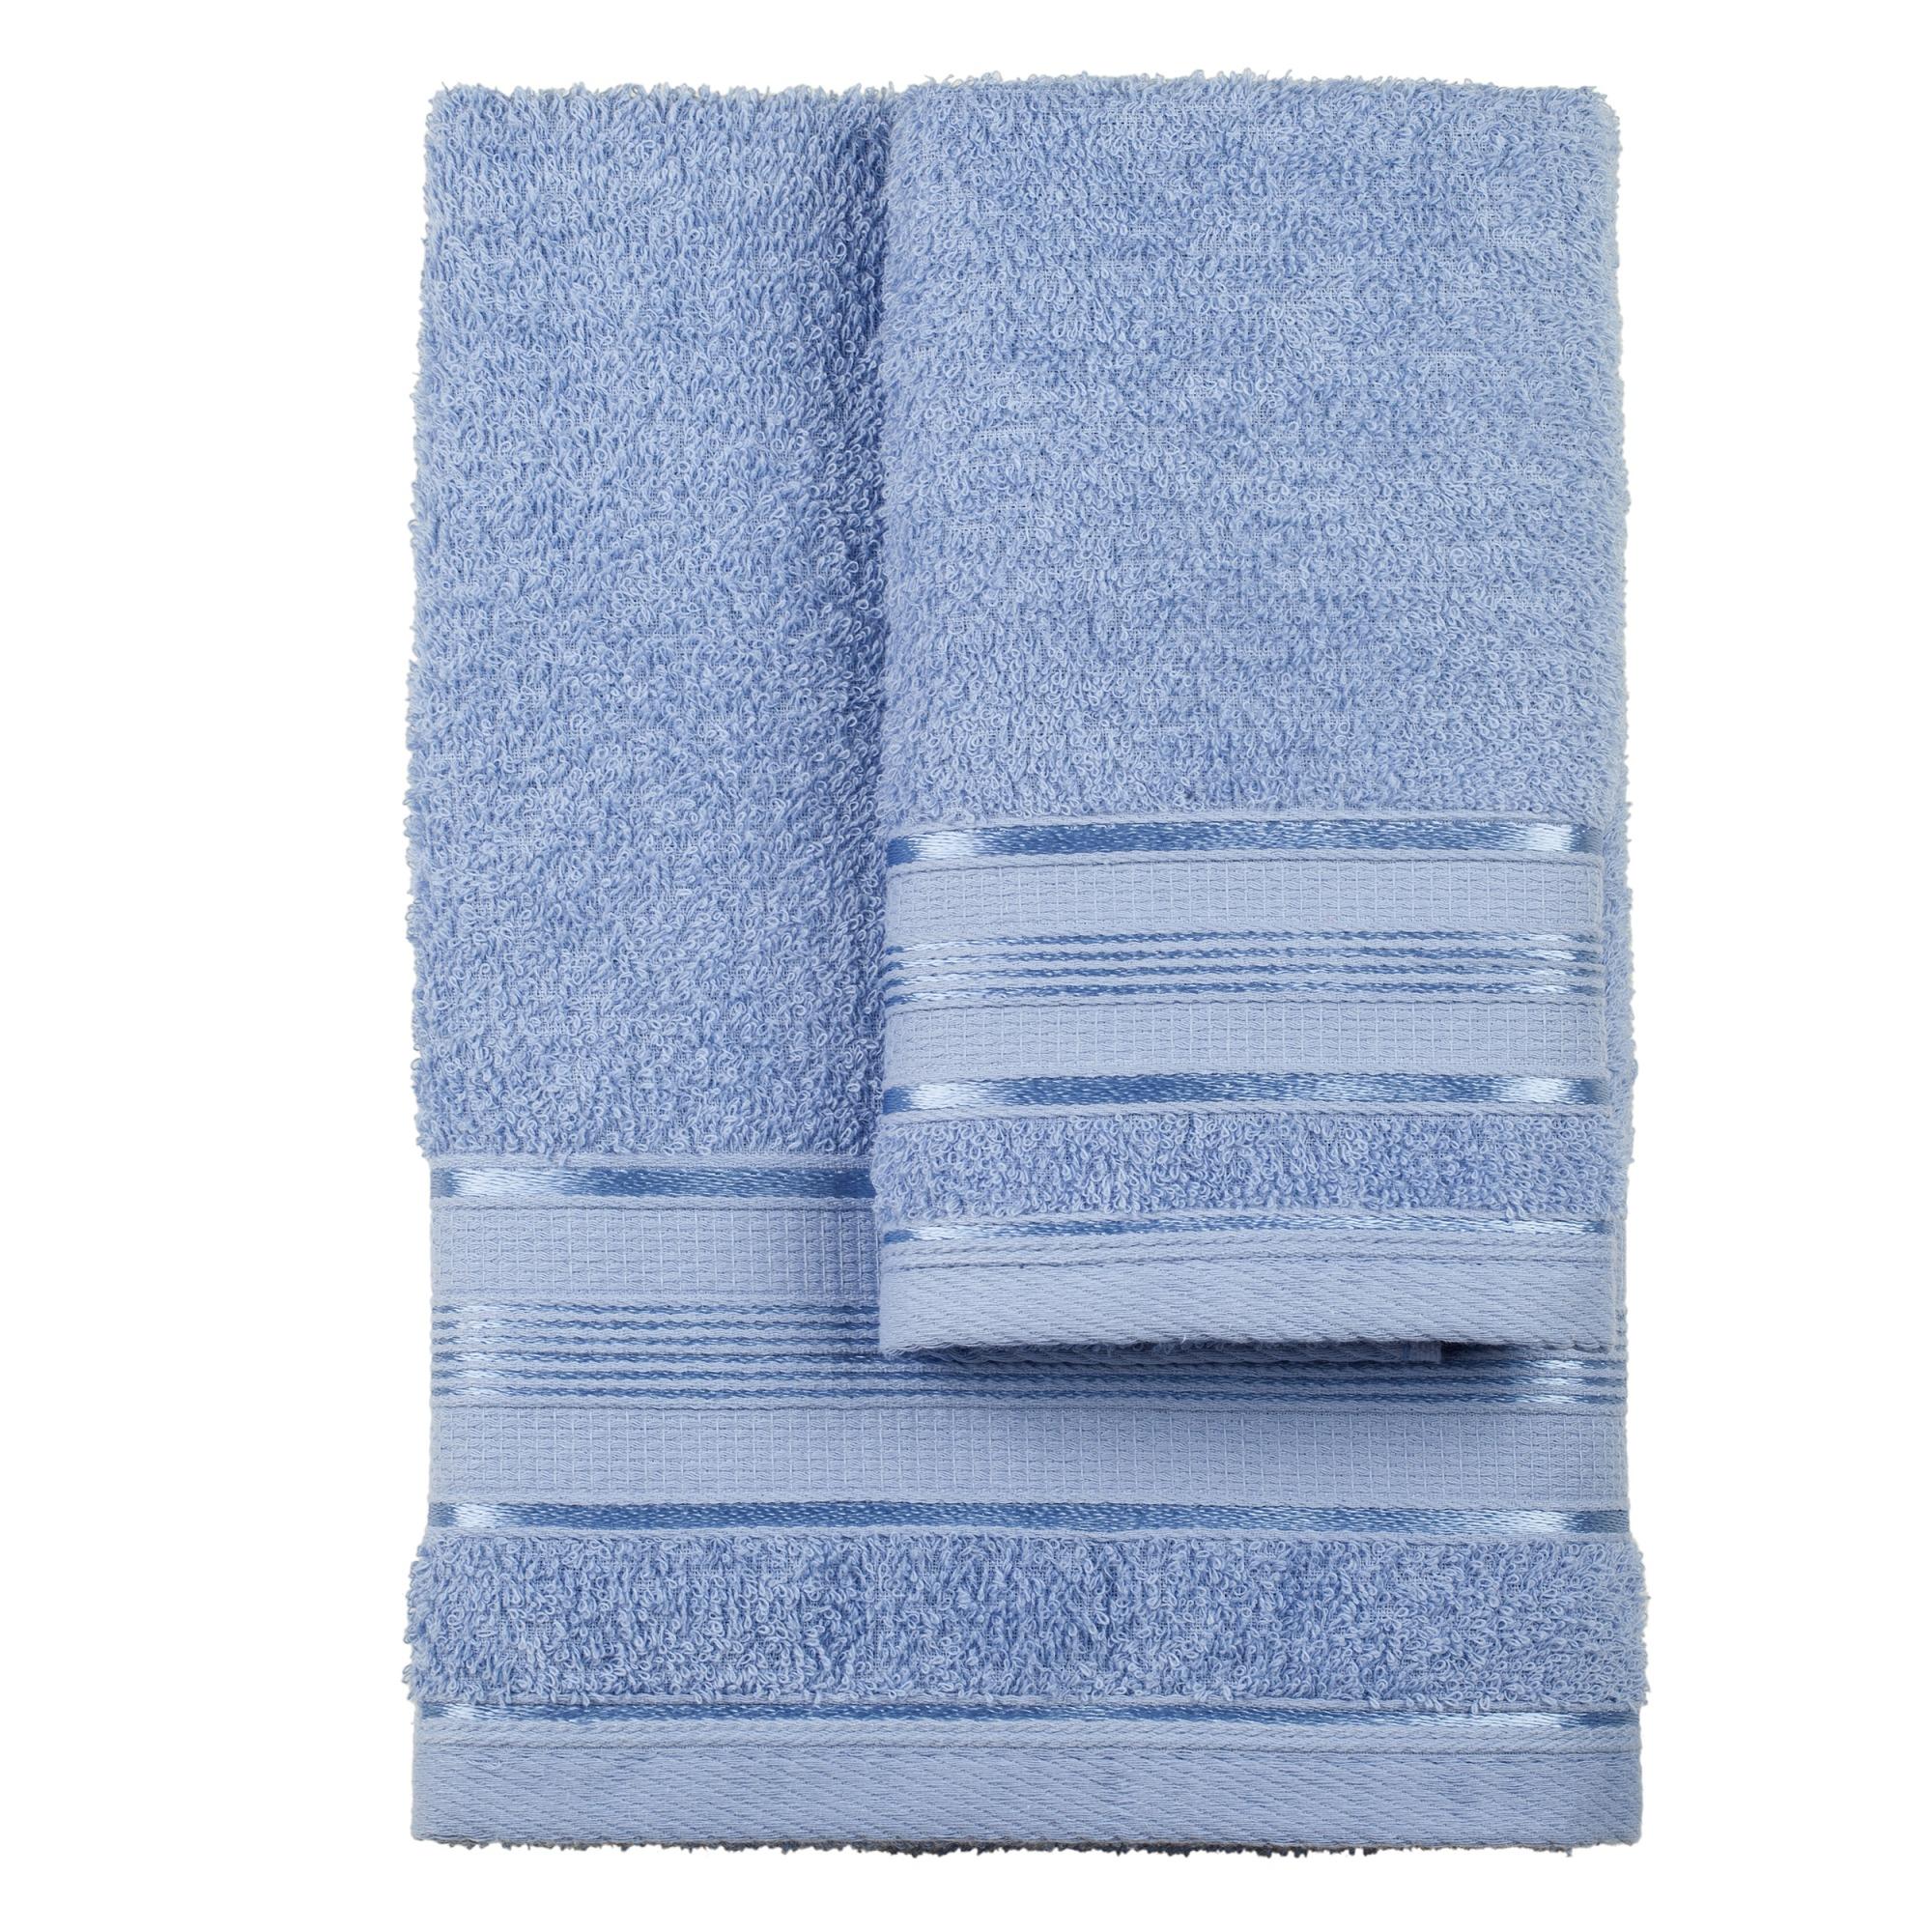 Jogo De Toalha Royal Knut 2 Pecas Azul - Santista